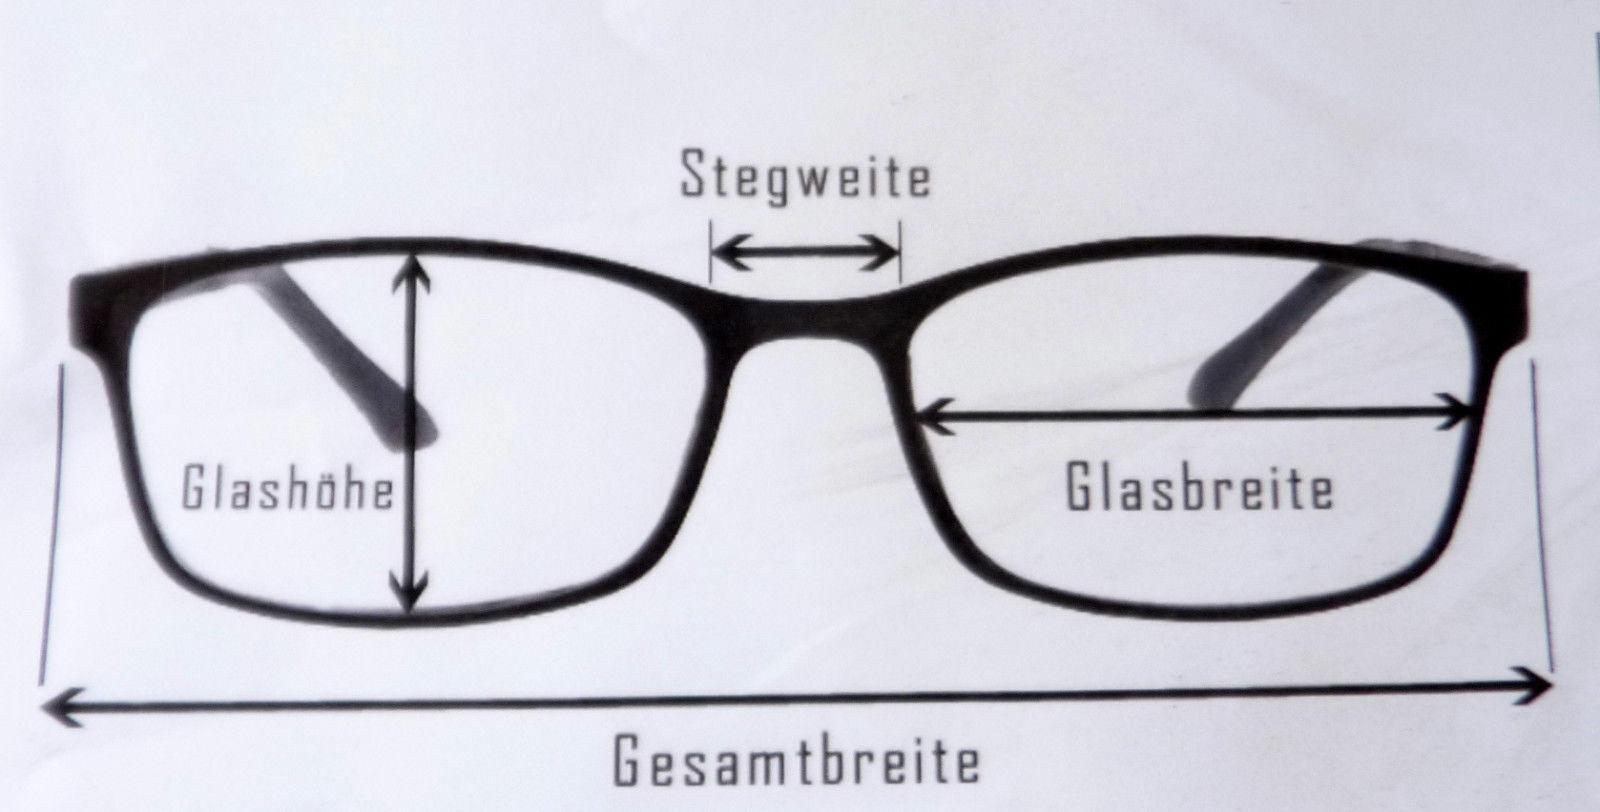 SILHOUETTE Vintagebrille hellfarb. Damenfassung extragroße Gläser 70s 70er Gr. M